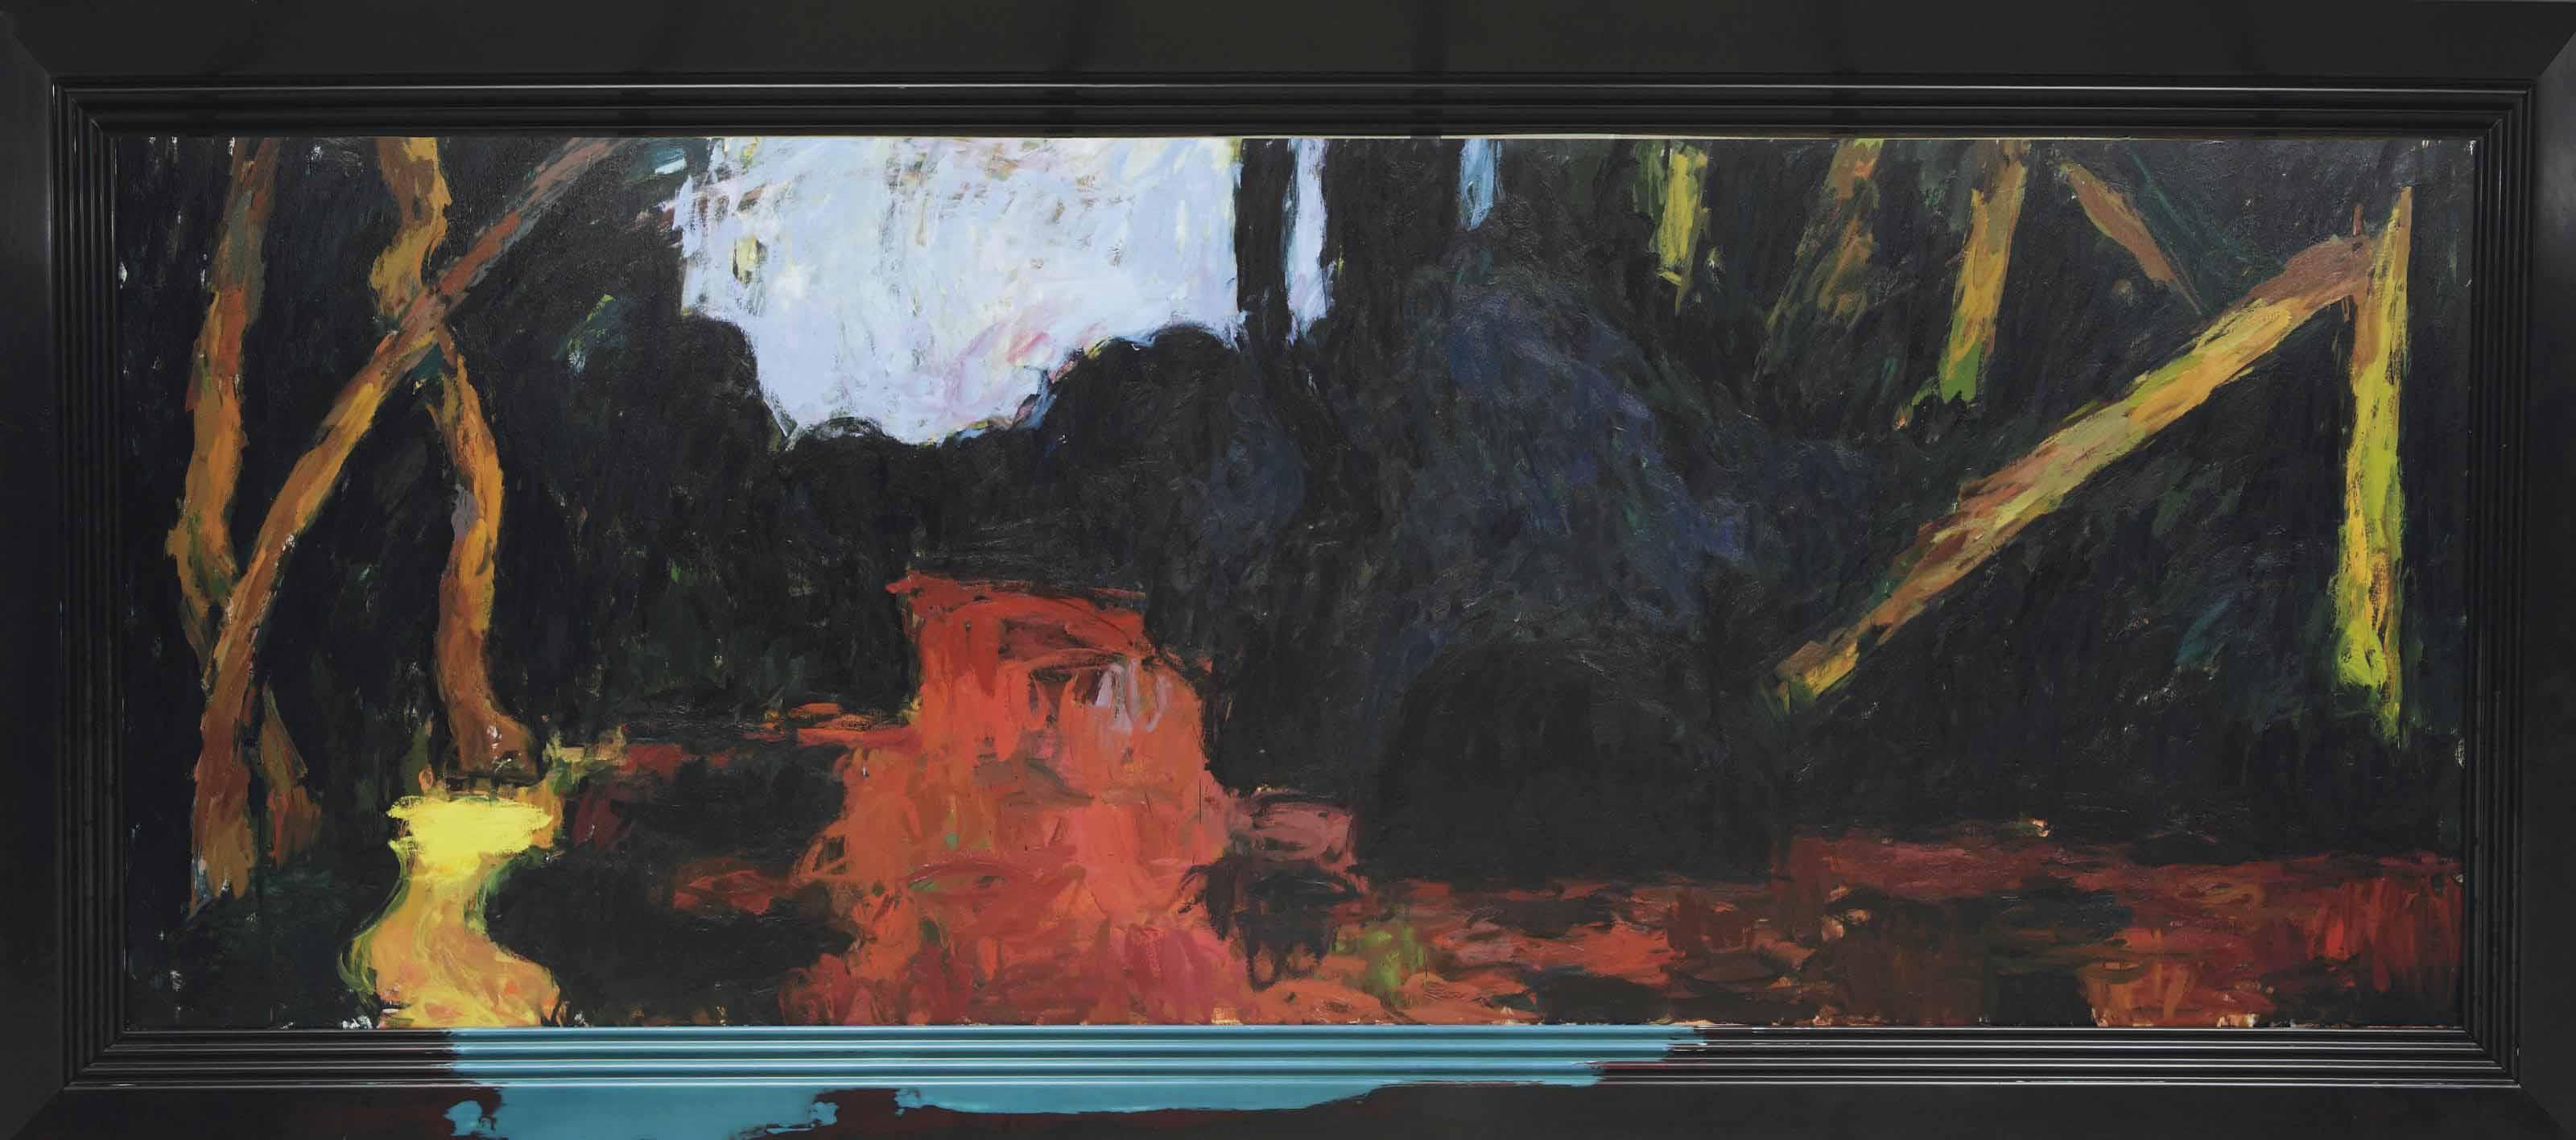 Dark landscape - Banks of a winding brook